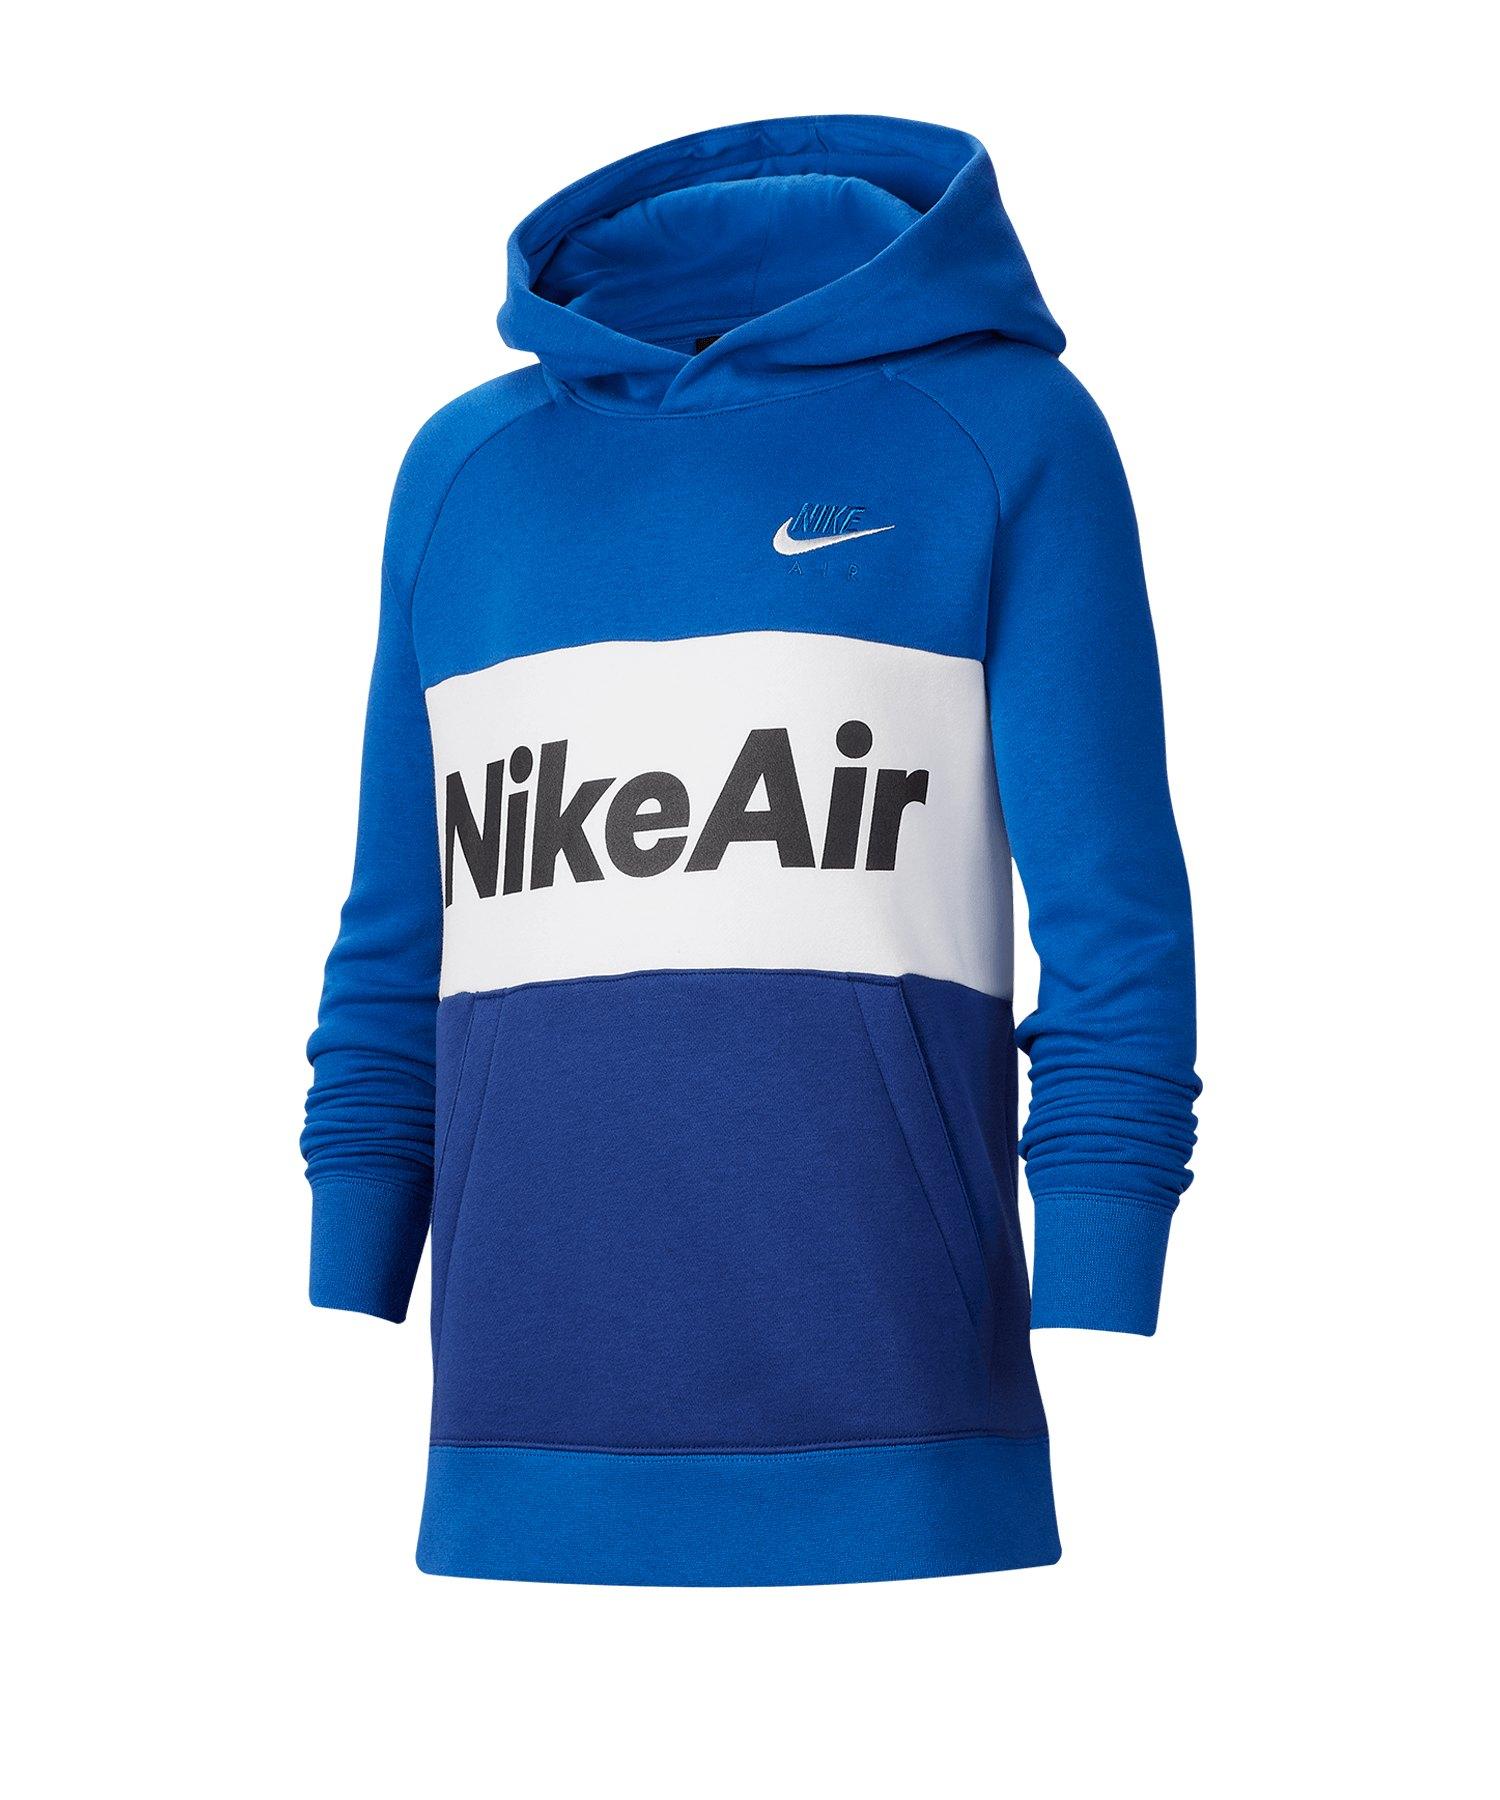 Nike Air Hoody Kapuzenpullover Kids Blau F480 - blau